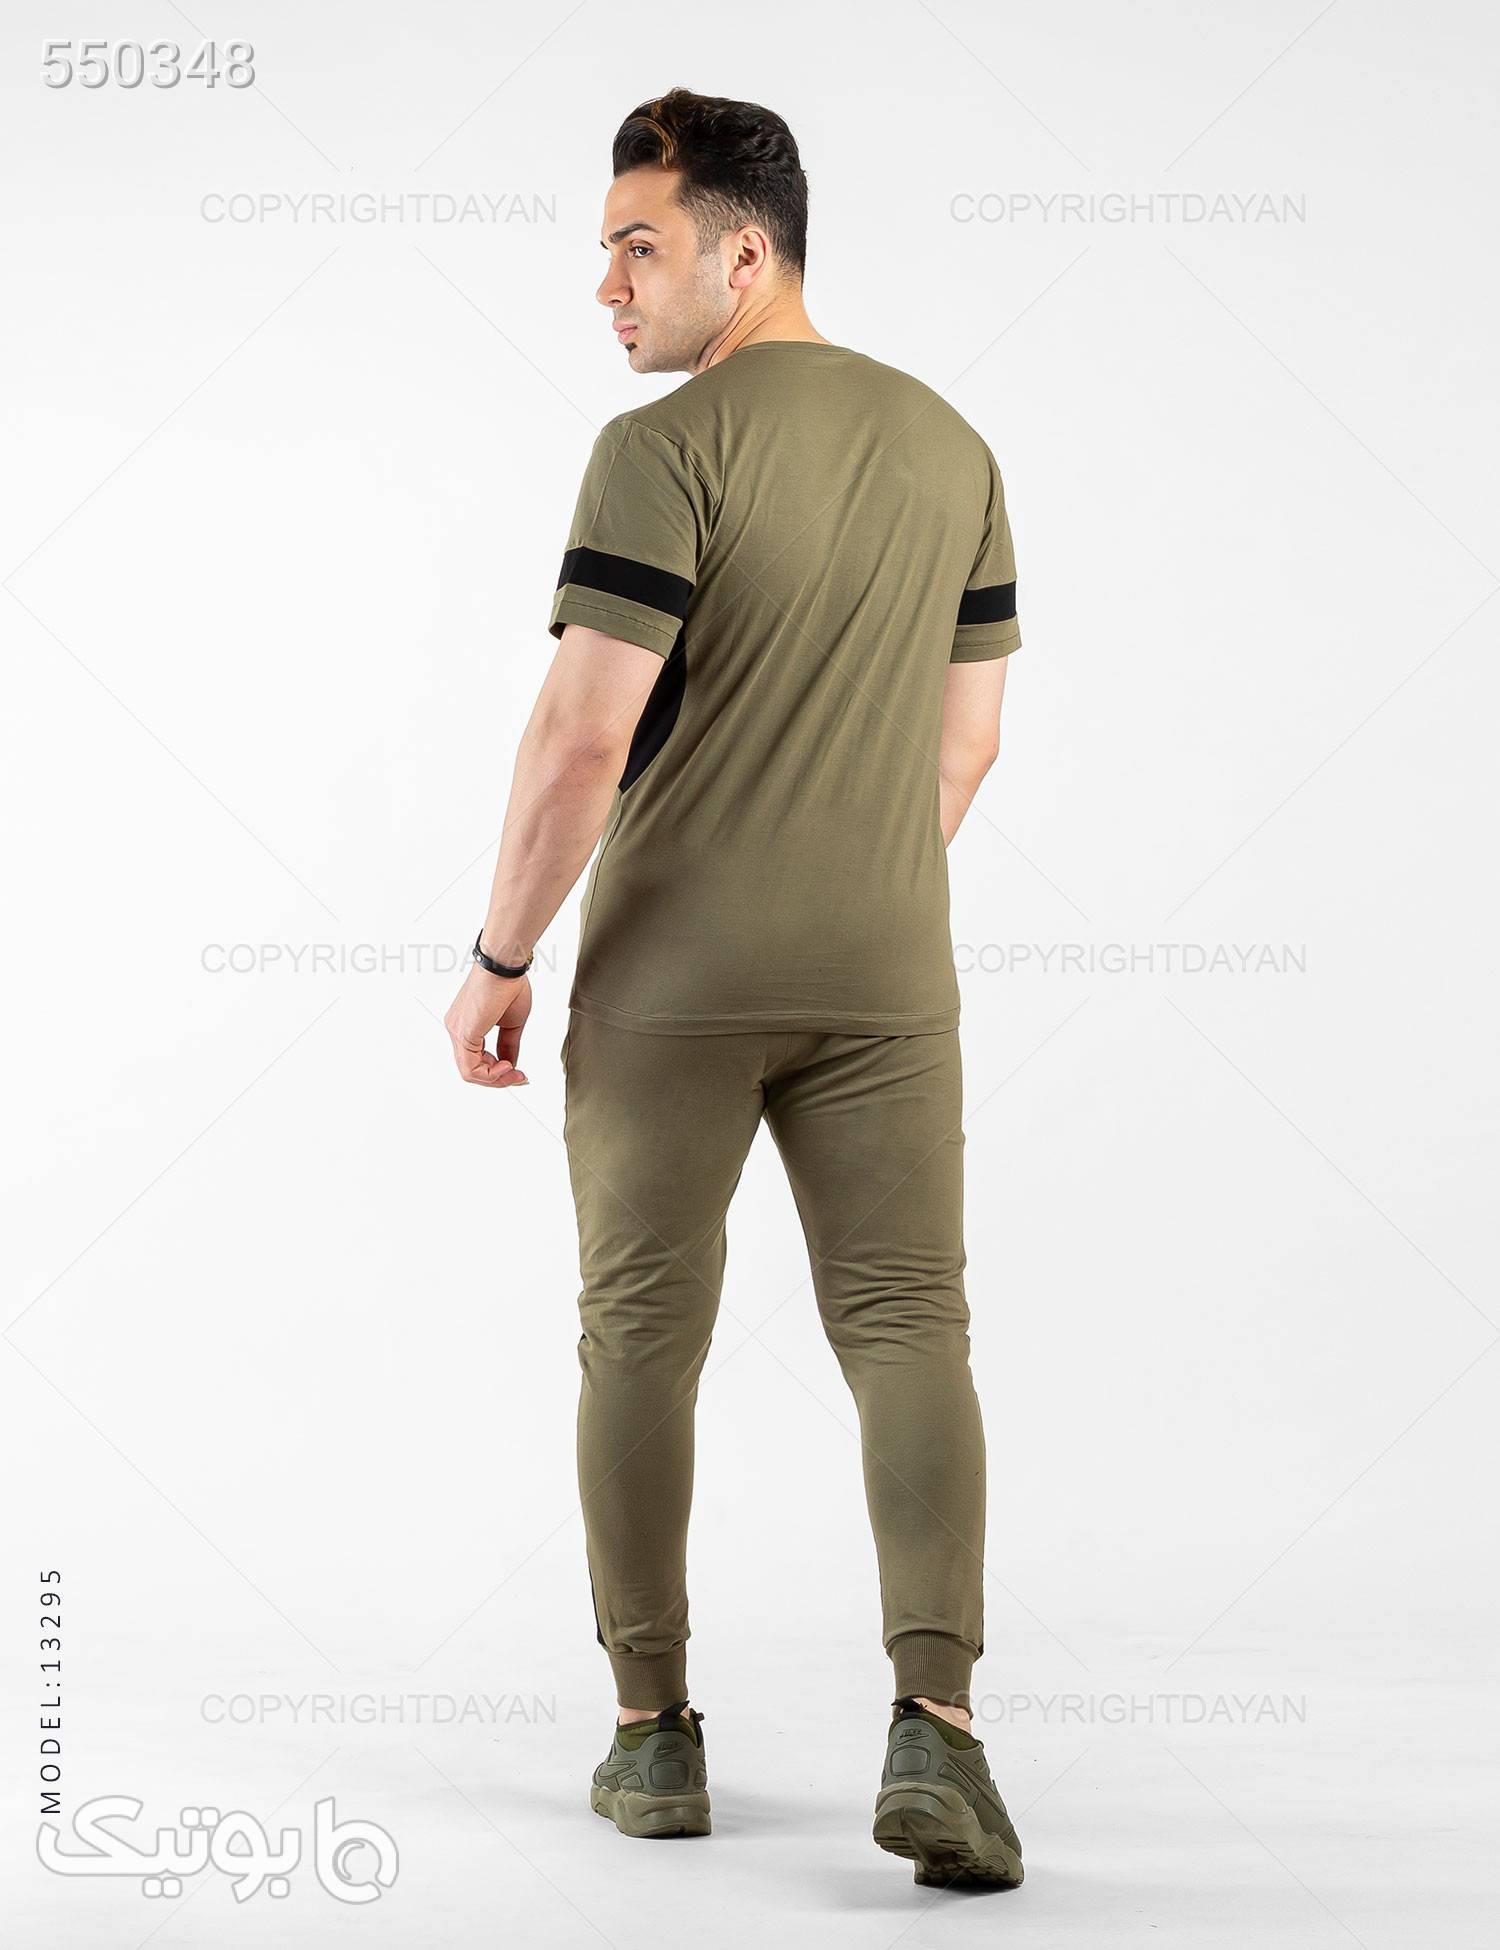 ست تیشرت و شلوار مردانه 361 درجه مدل 13295 سبز ست ورزشی مردانه